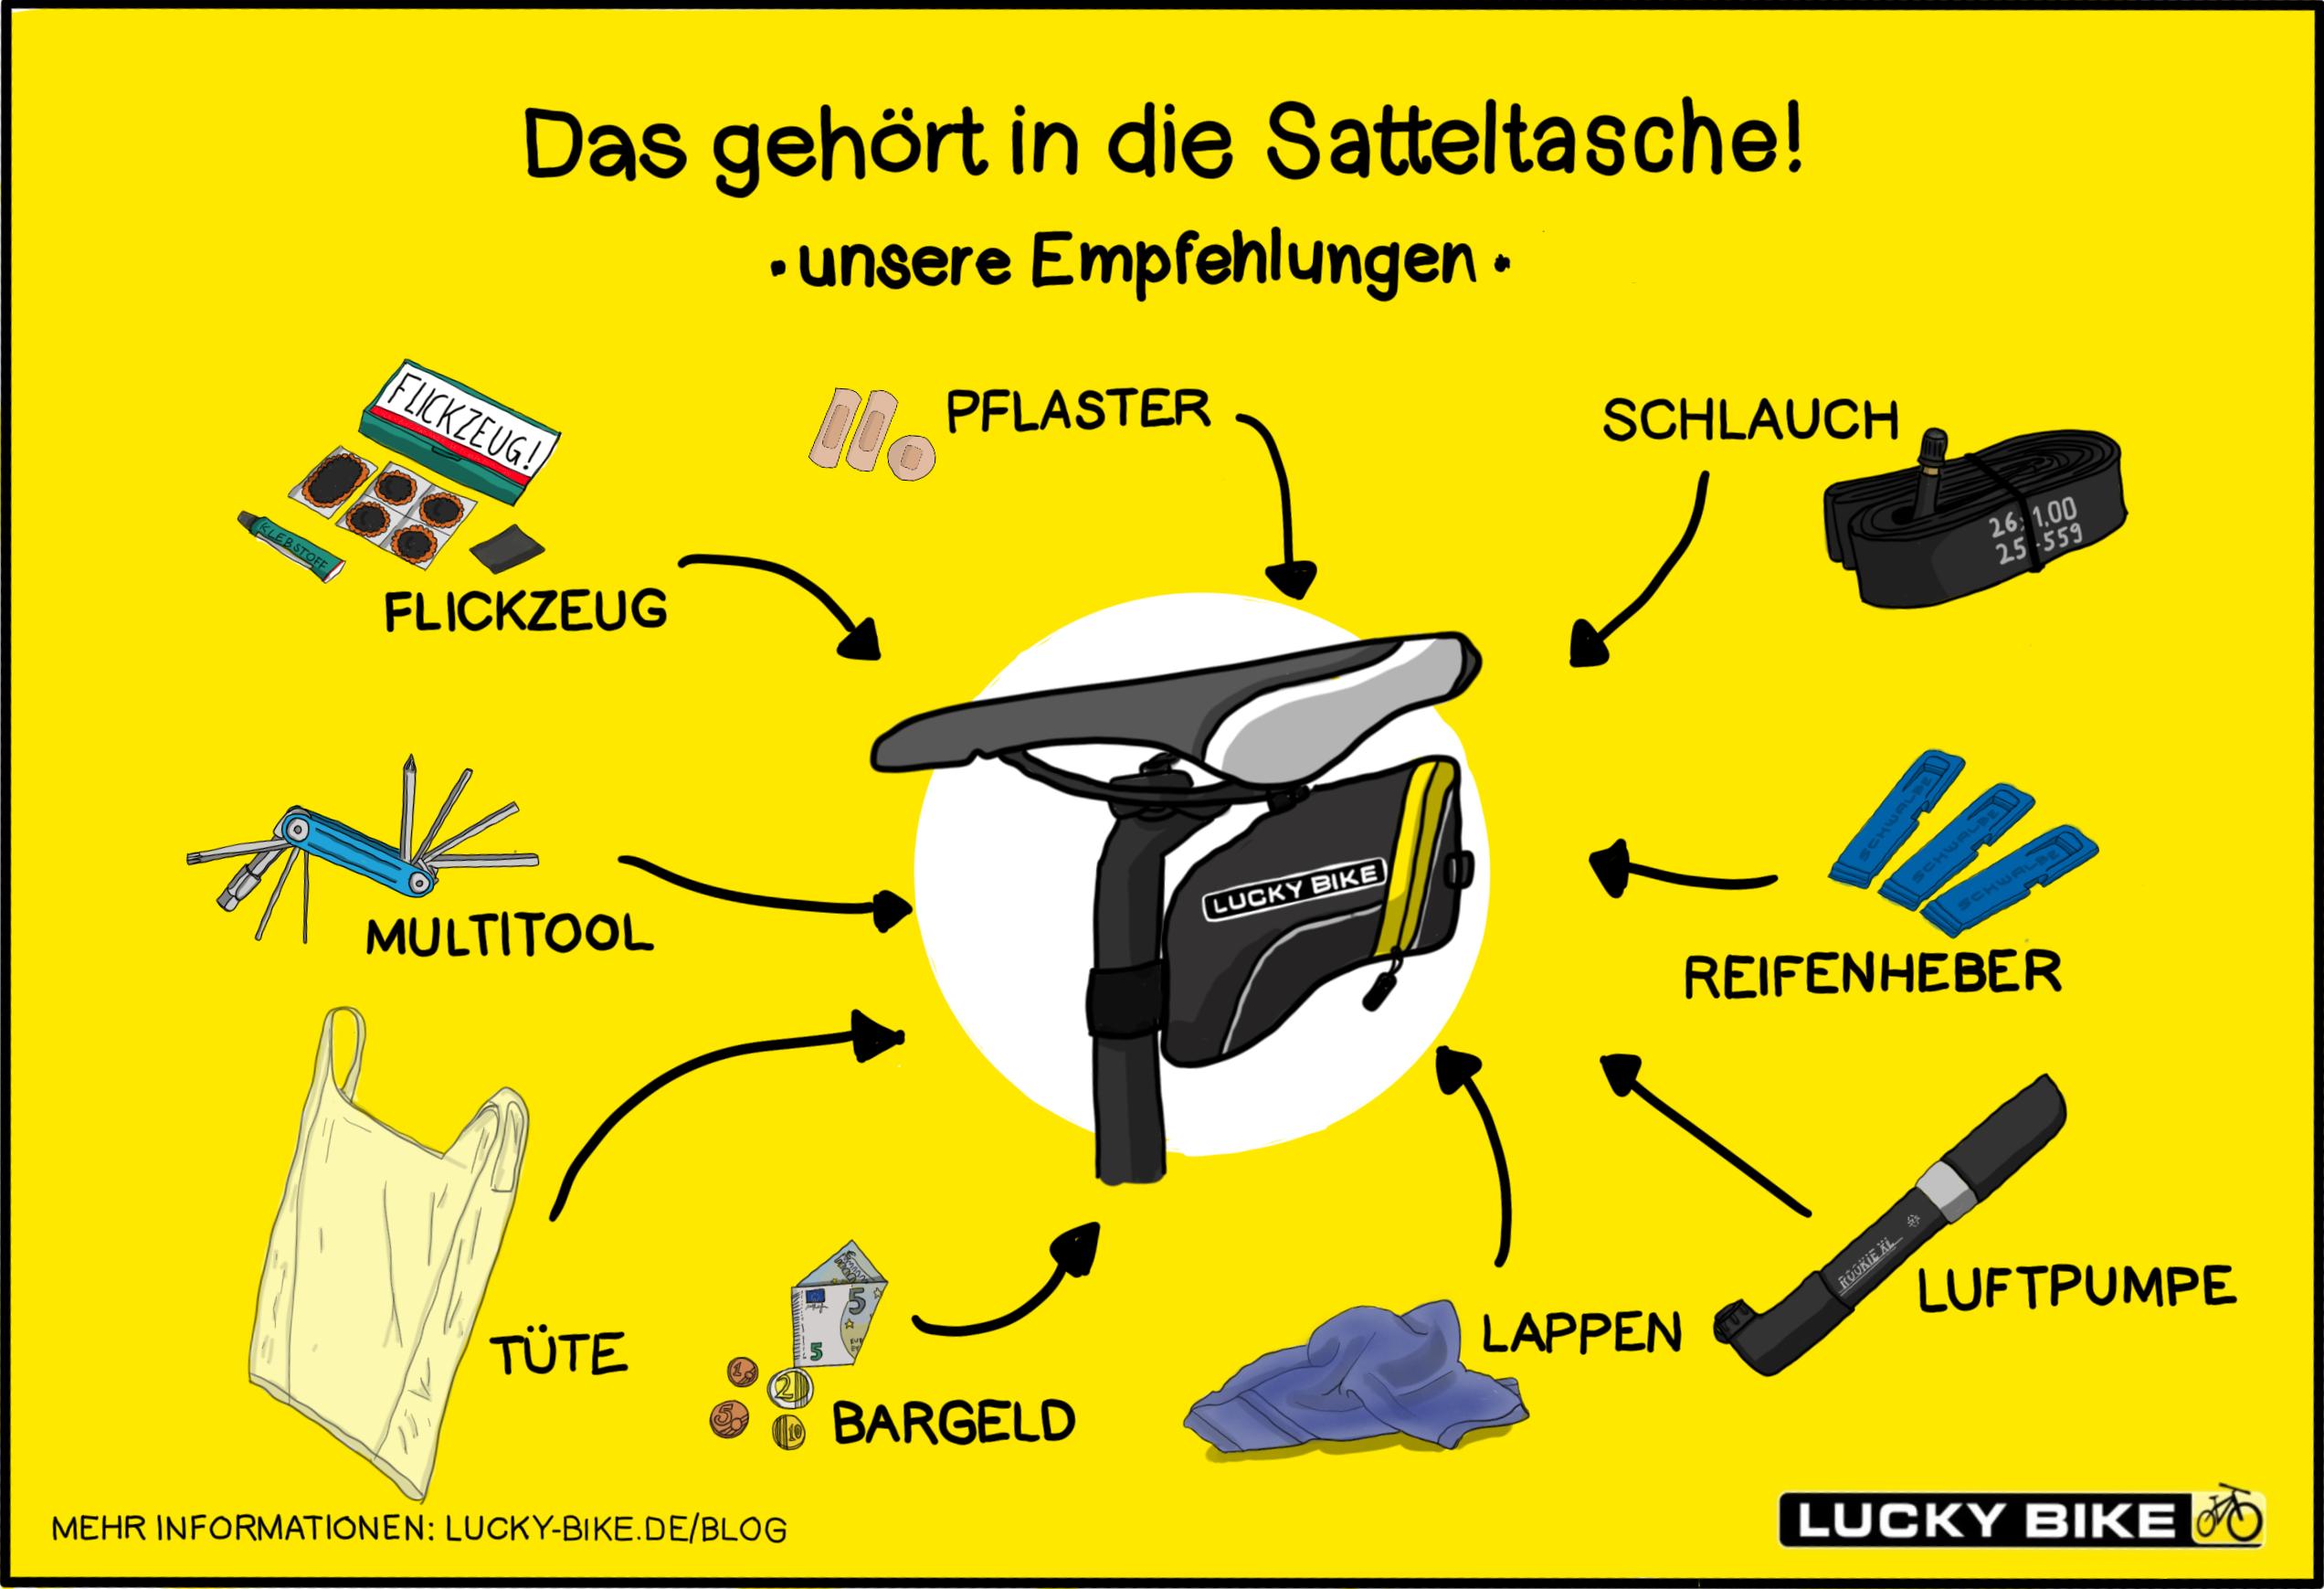 Infografik - Was gehoert in die Satteltasche - Empfehlungen - Jan Peifer - Lucky Bike - Radlbauer